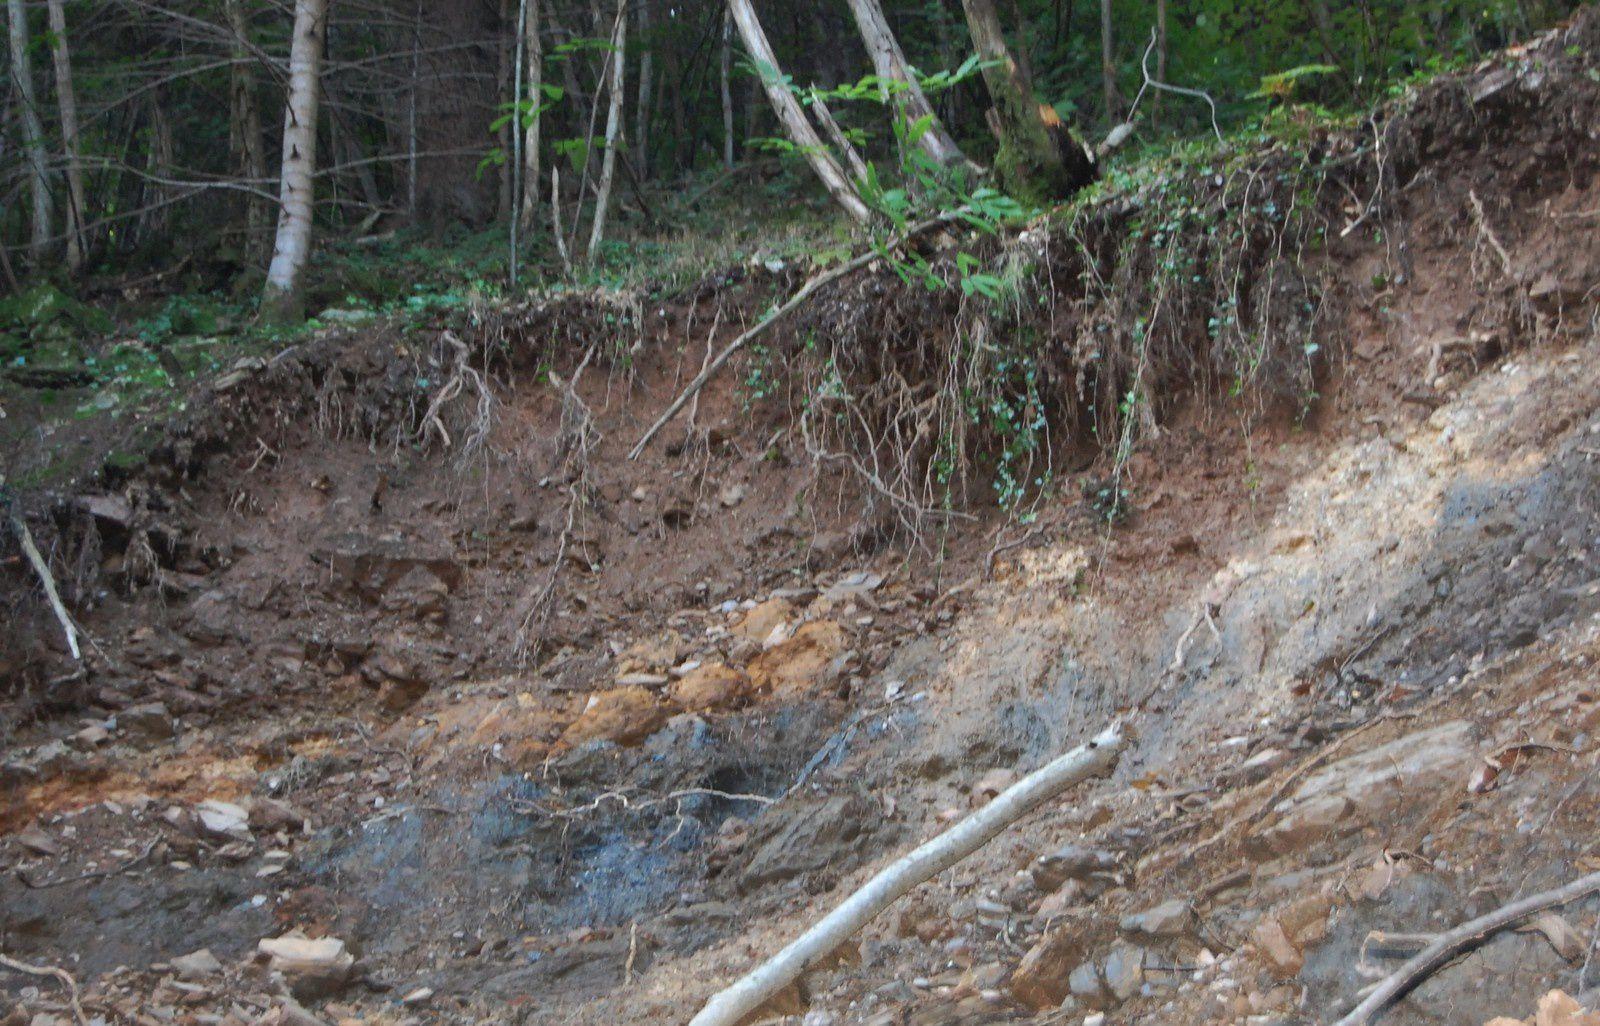 Arbres en travers du chemin, éboulements, glissements de terrains, c'est pas beau à voir...